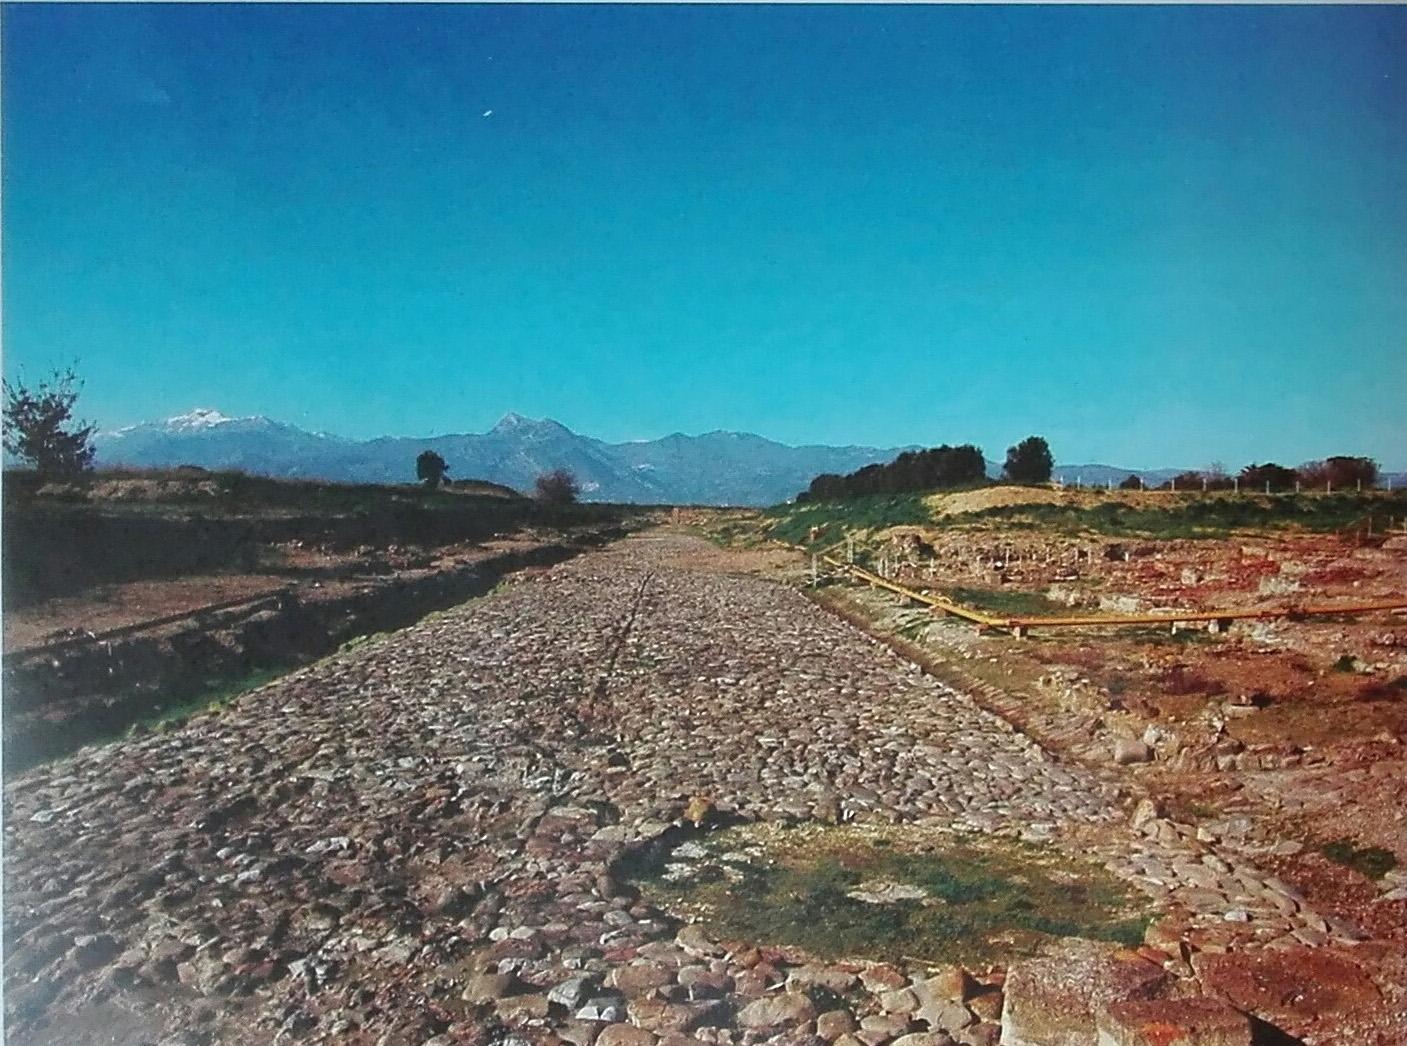 Pioggia di investimenti per rilanciare la culturaIn Calabria fondi per musei e parchi archeologici